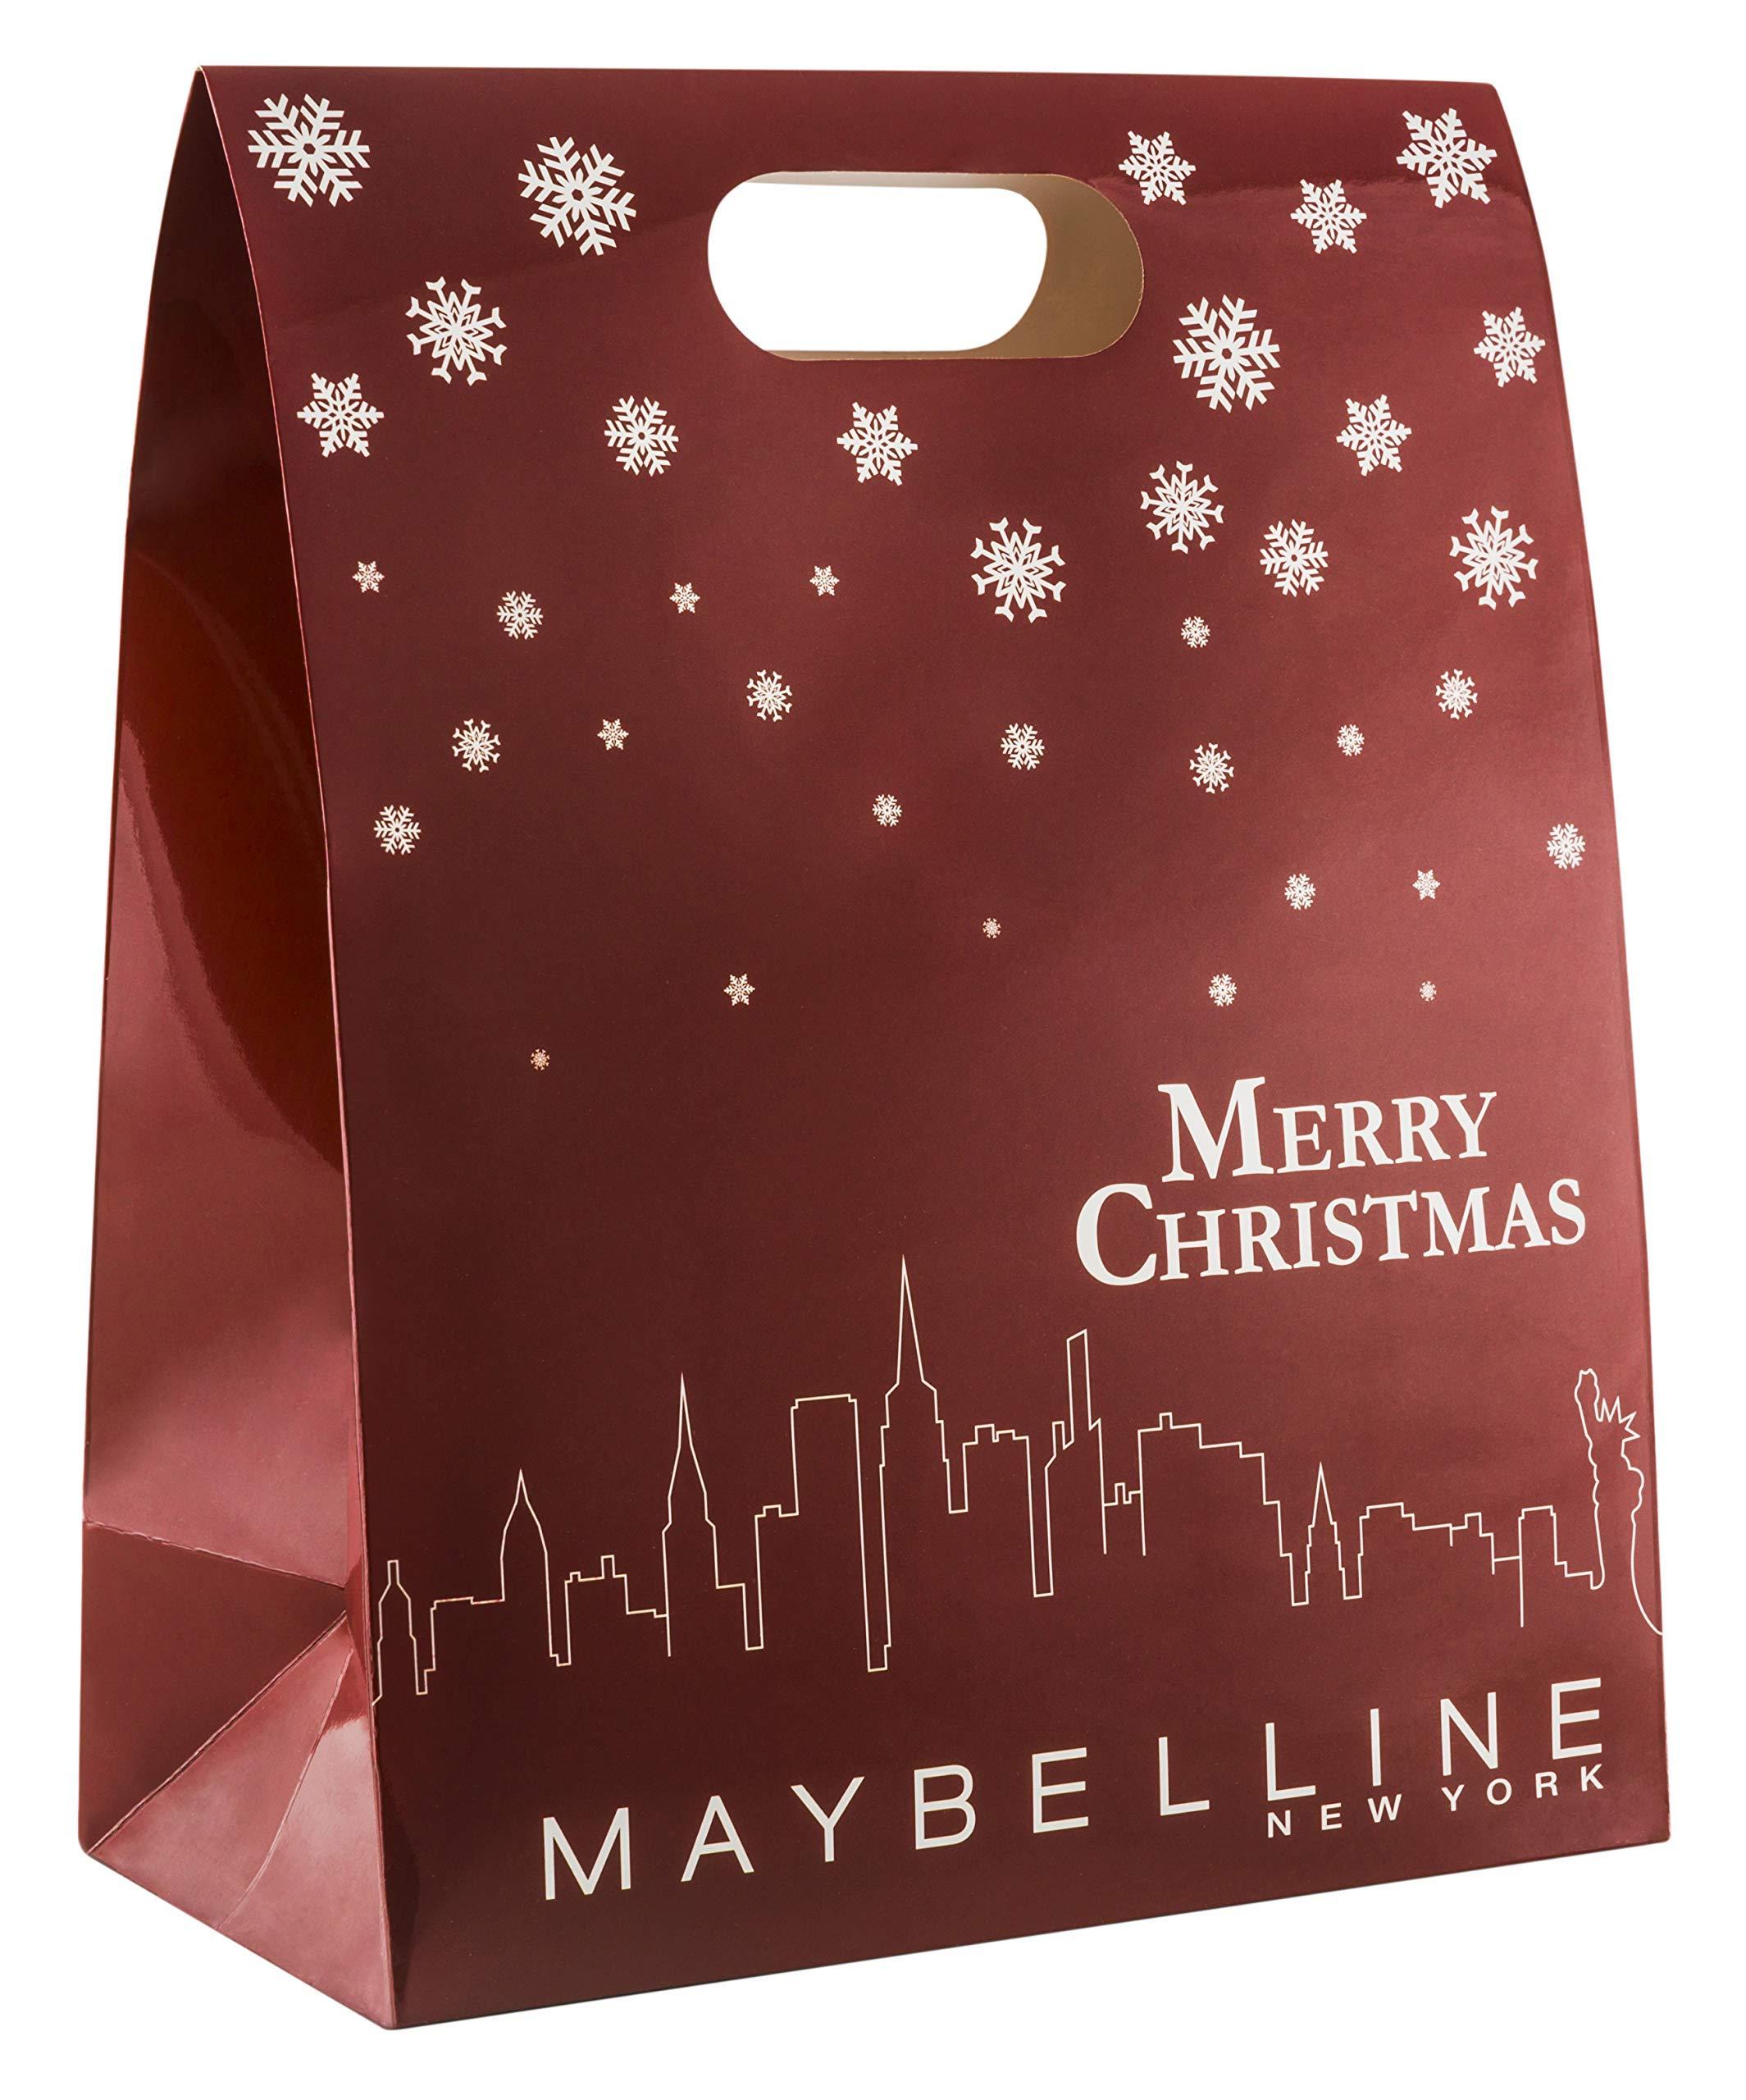 Maybelline New York Adventskalender, Do-It-Yourself, mit 24 Beauty Produkten, Tüten und Aufklebern zum Selbstbefüllen…